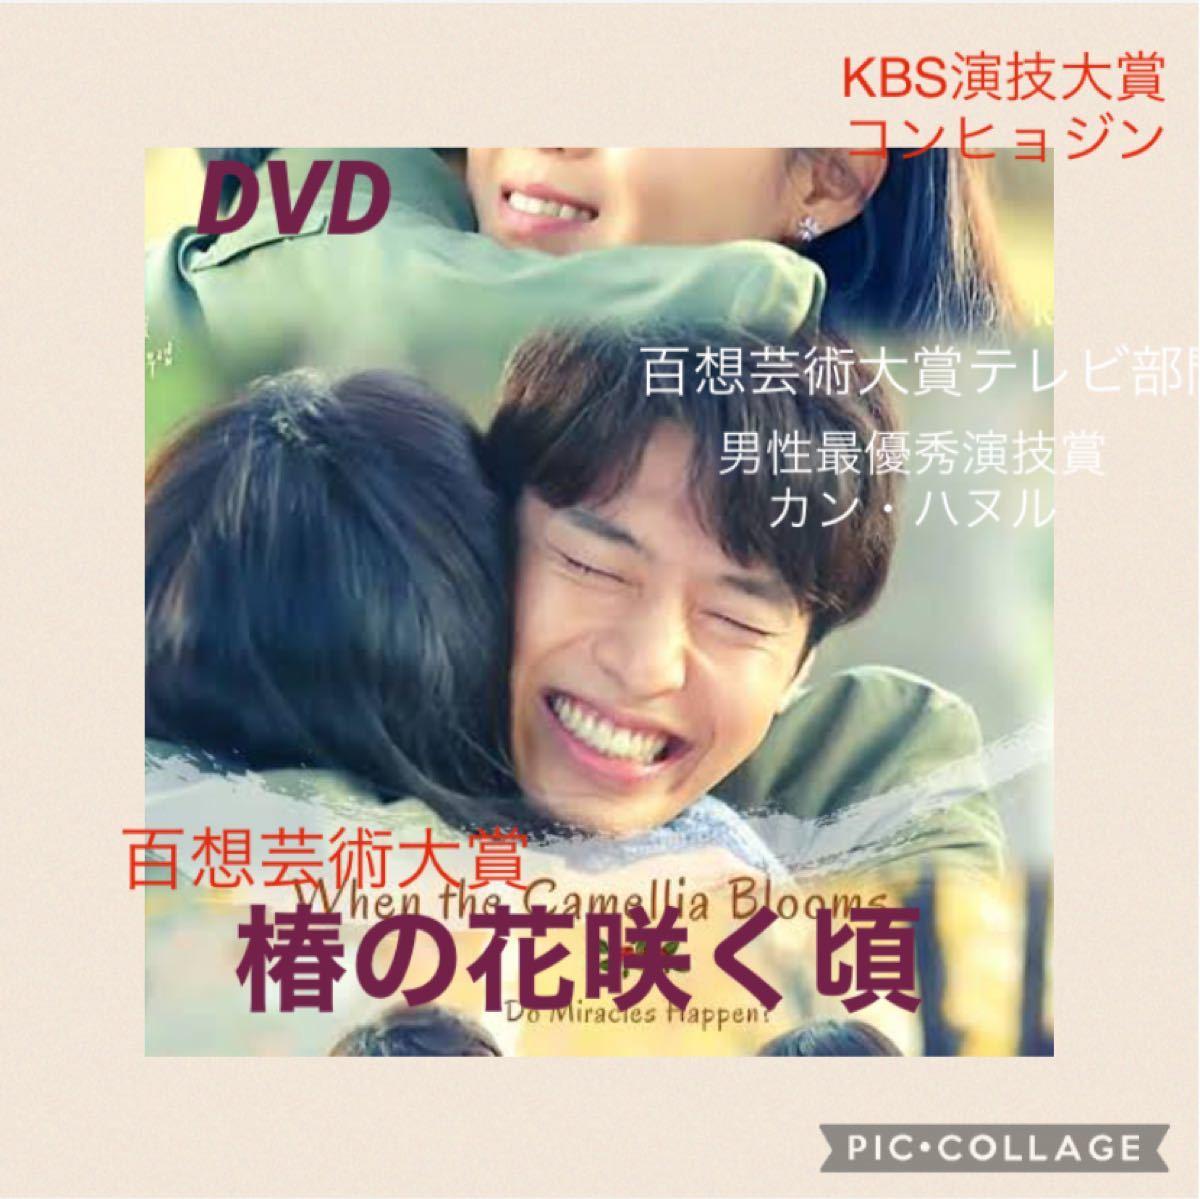 韓国ドラマ 椿の花咲く頃 DVD全話【レーベル印刷あり】8/10日ご購入分から16日より順次発送致します。ドラマ